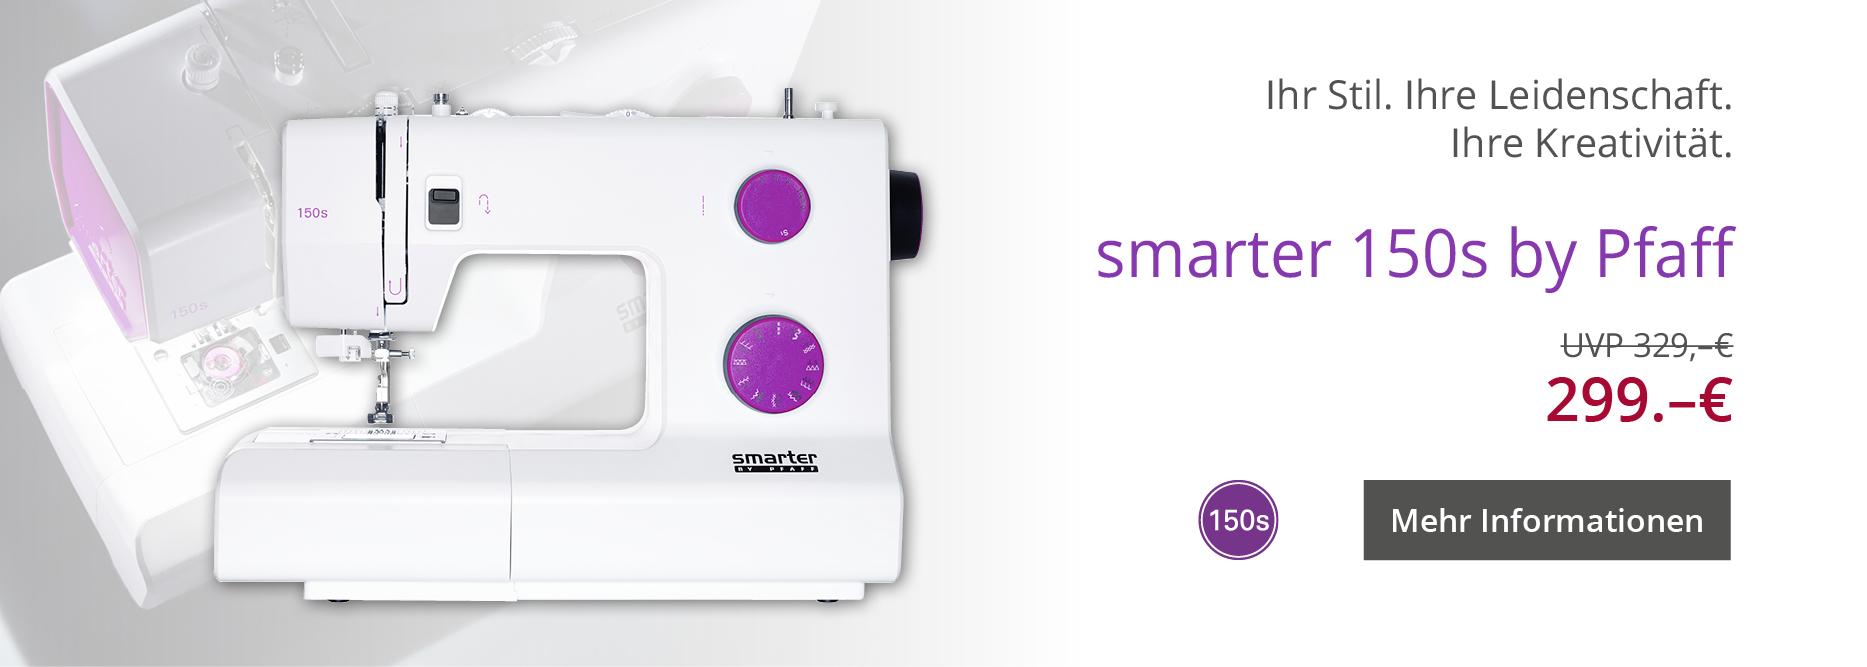 Smarter-150s-by-Pfaff